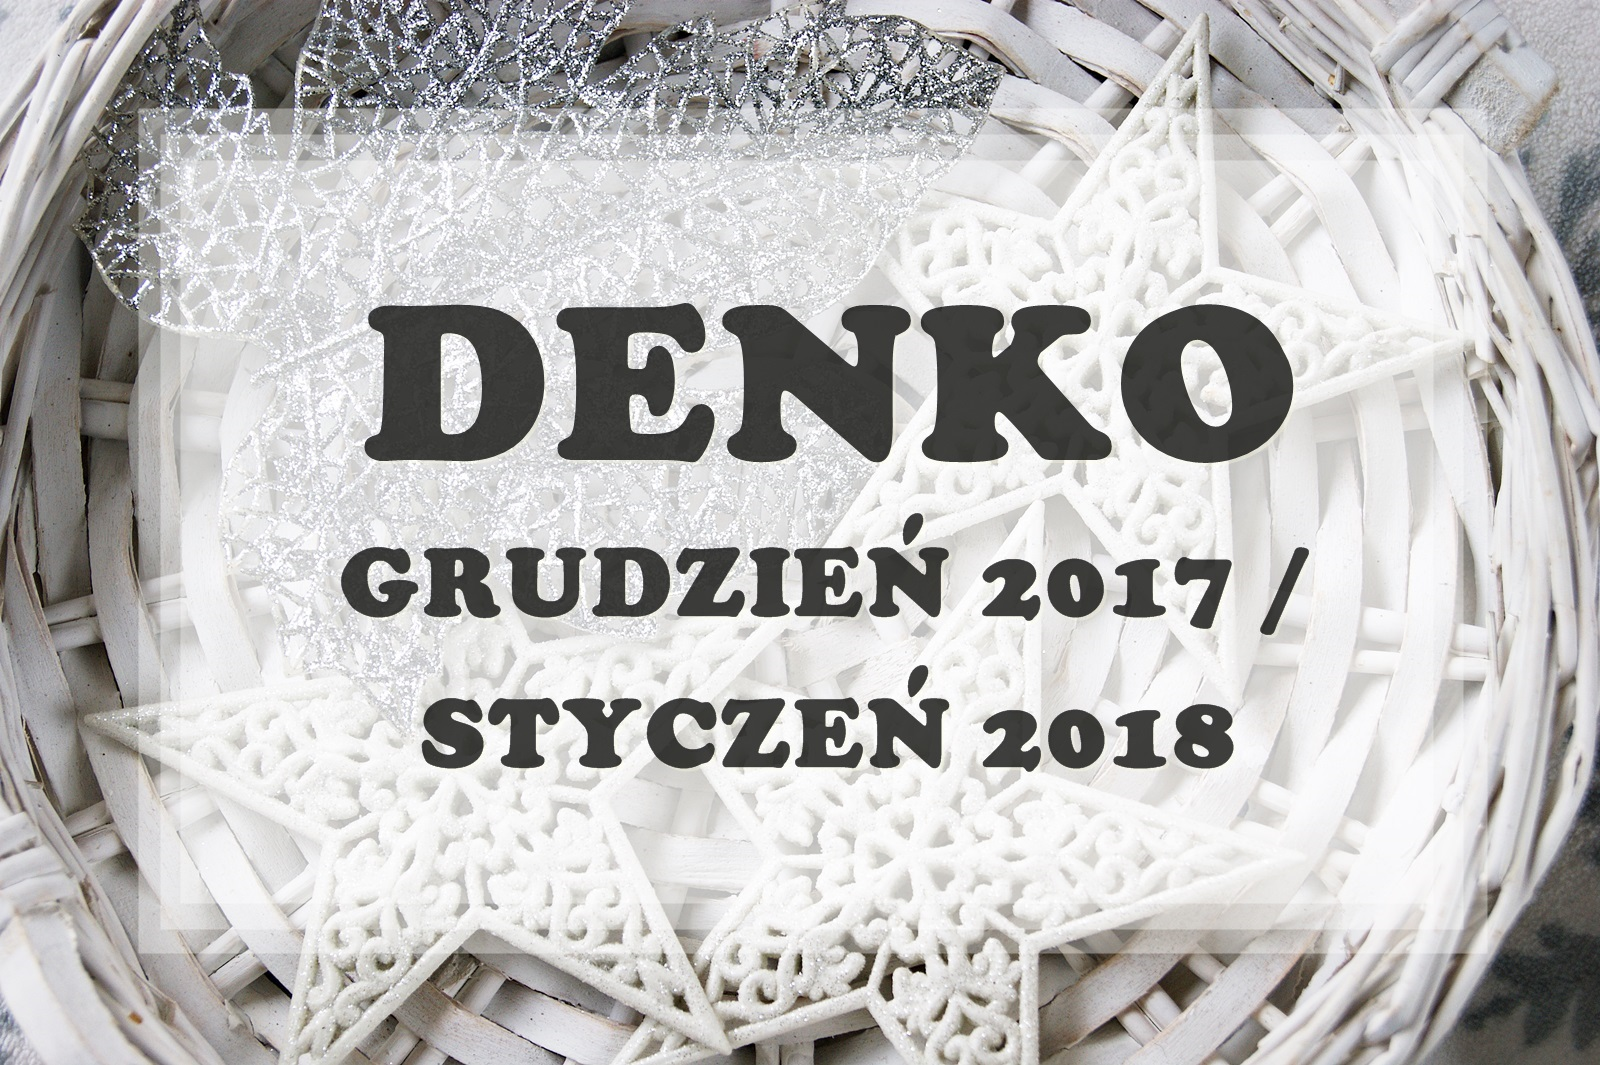 DENKO - Grudzień 2017 / Styczeń 2018